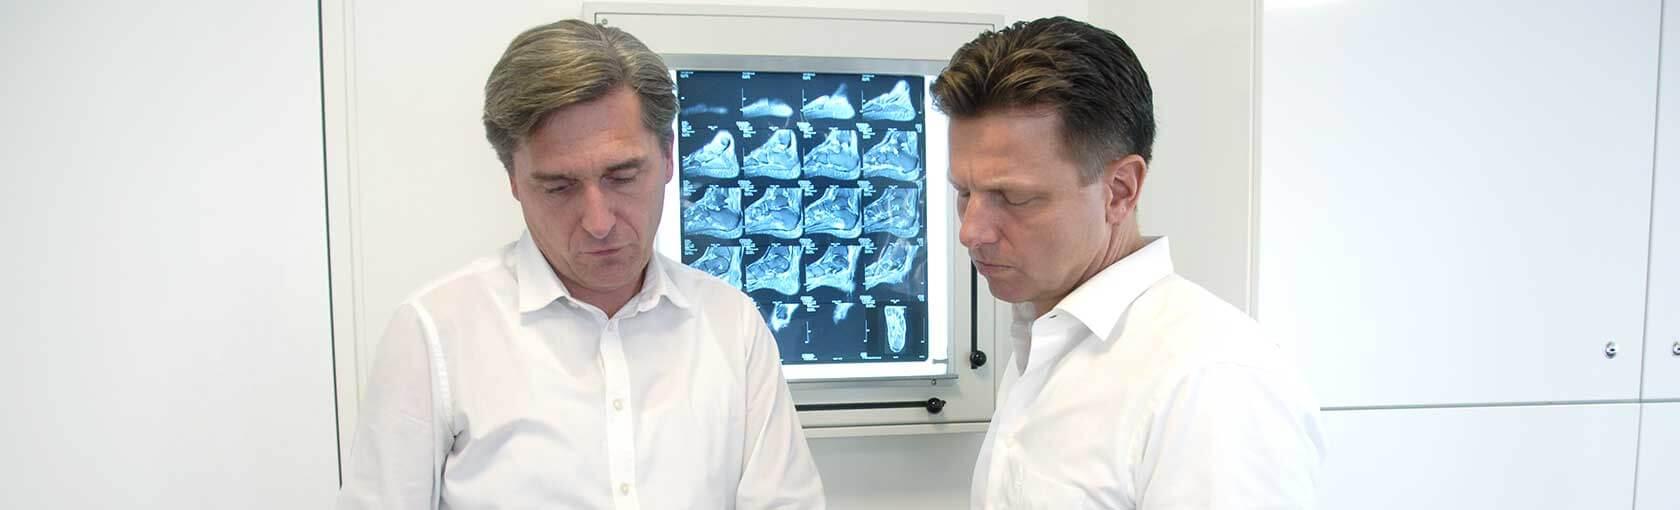 Dr. Czerlitzki Dr. Putzo Orthopäden in Berlin